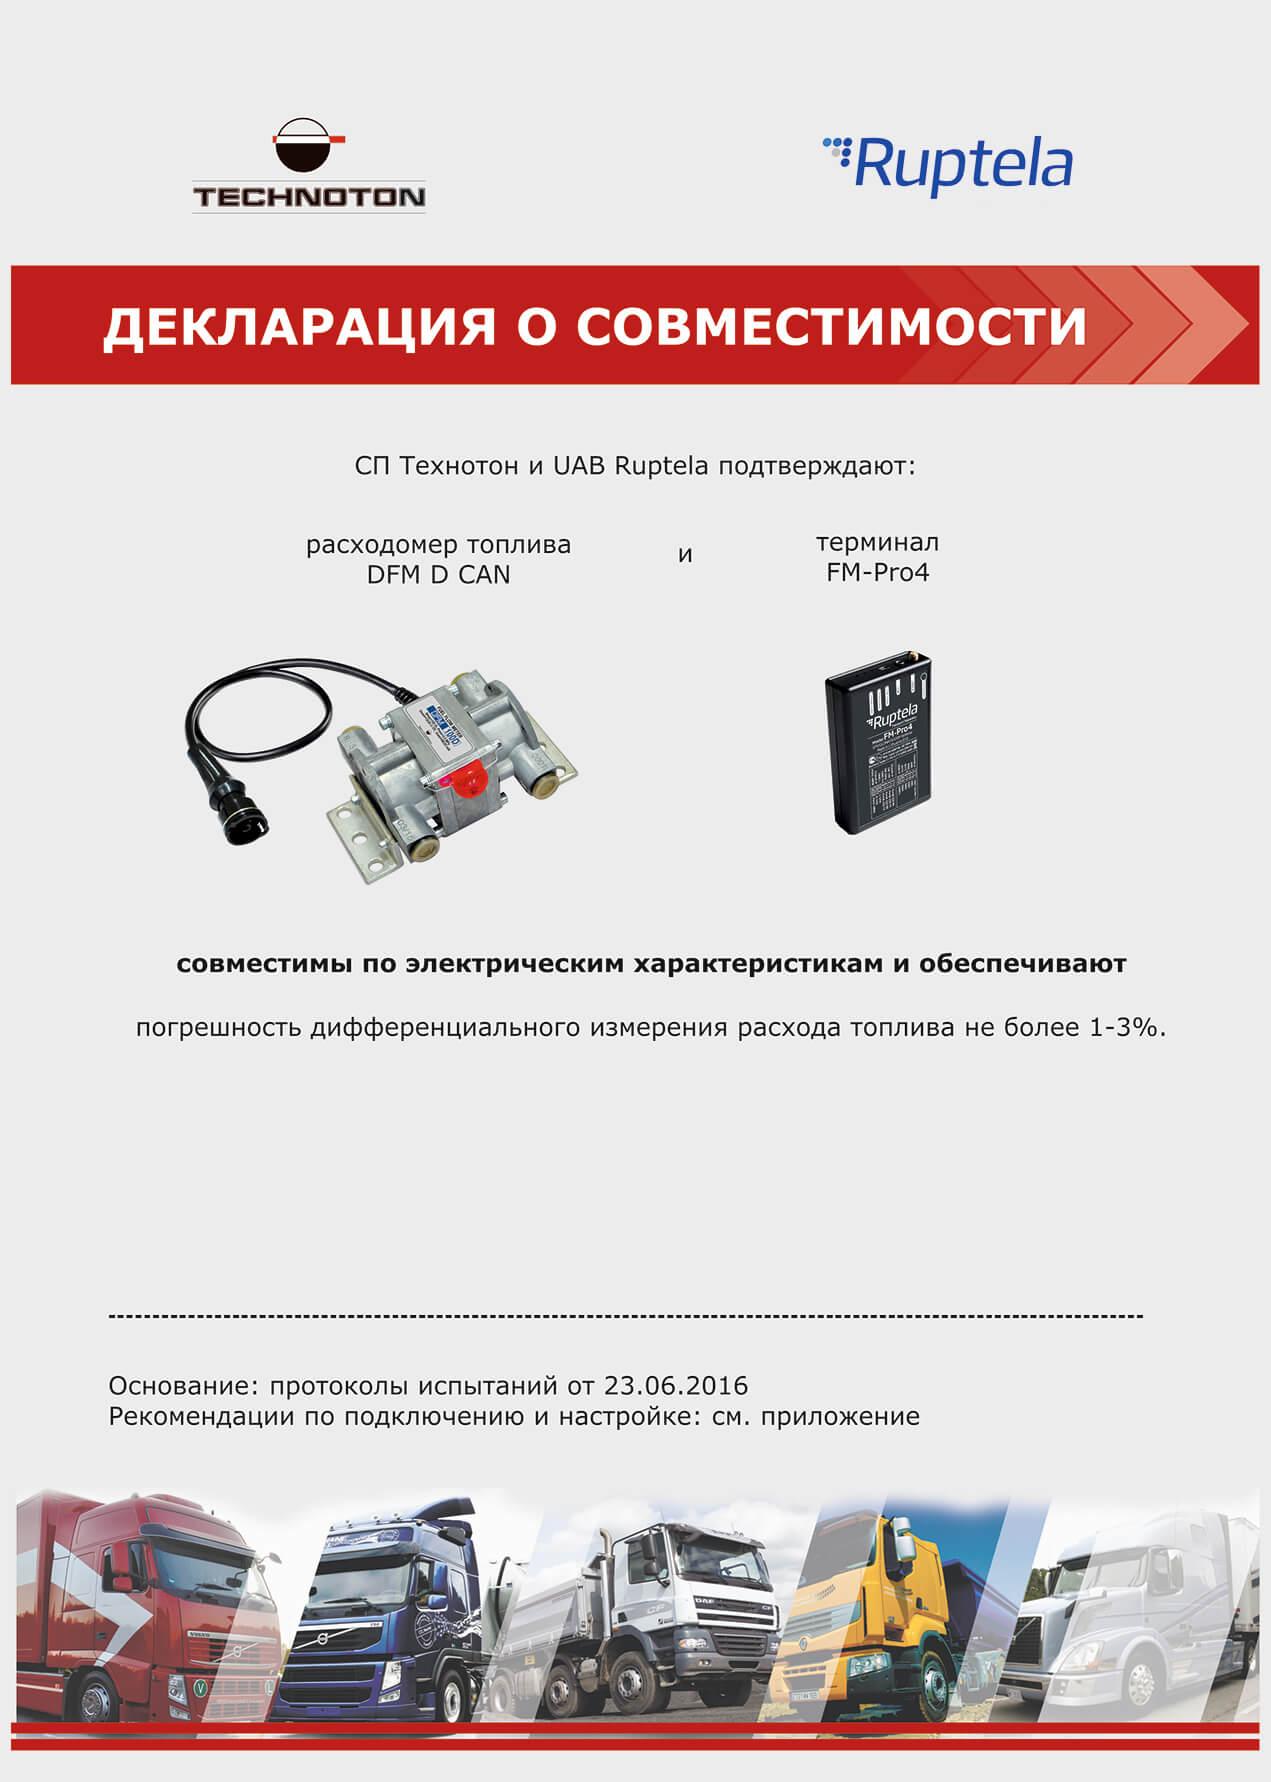 DFM D CAN совместим с Ruptela-FM Pro4